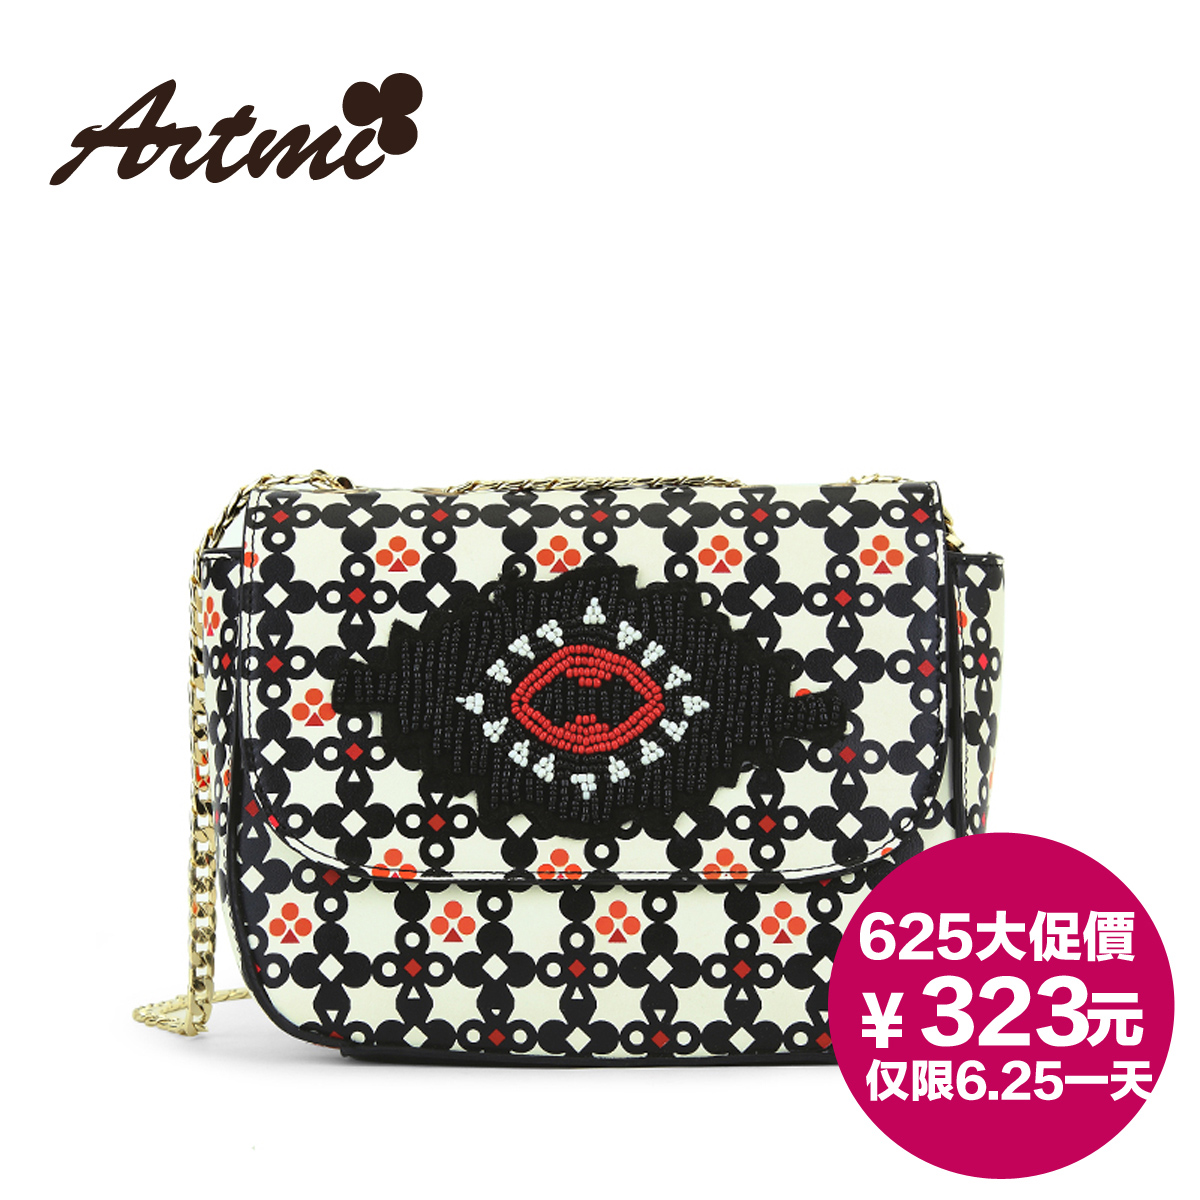 Сумка Artmi ape0411 Artmi2014 сумка artmi ane0401 artmi2014